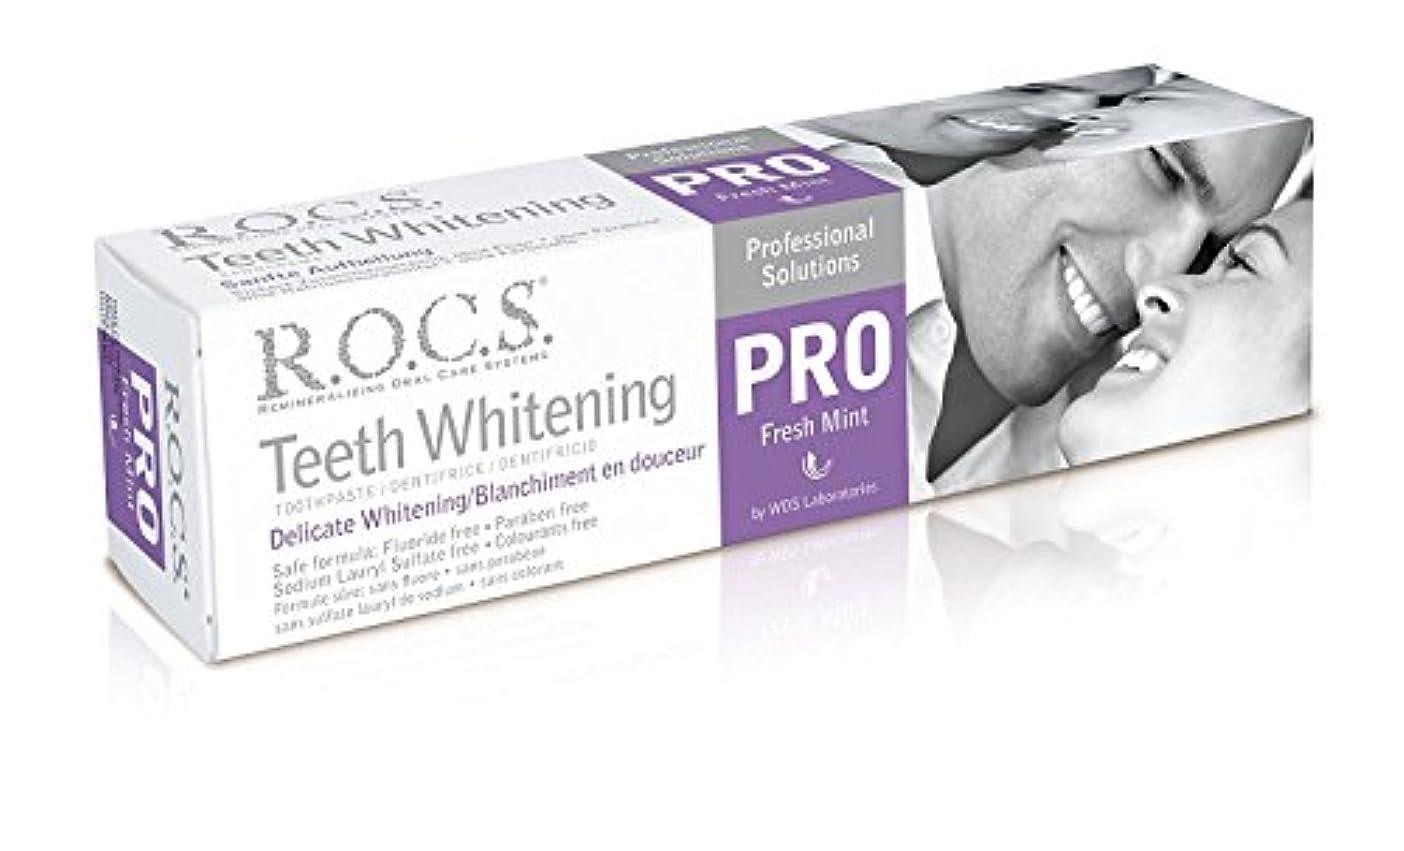 洗剤盟主補充R.O.C.S.(ロックス) プロ デリケート ホワイトニング フレッシュミント 135g